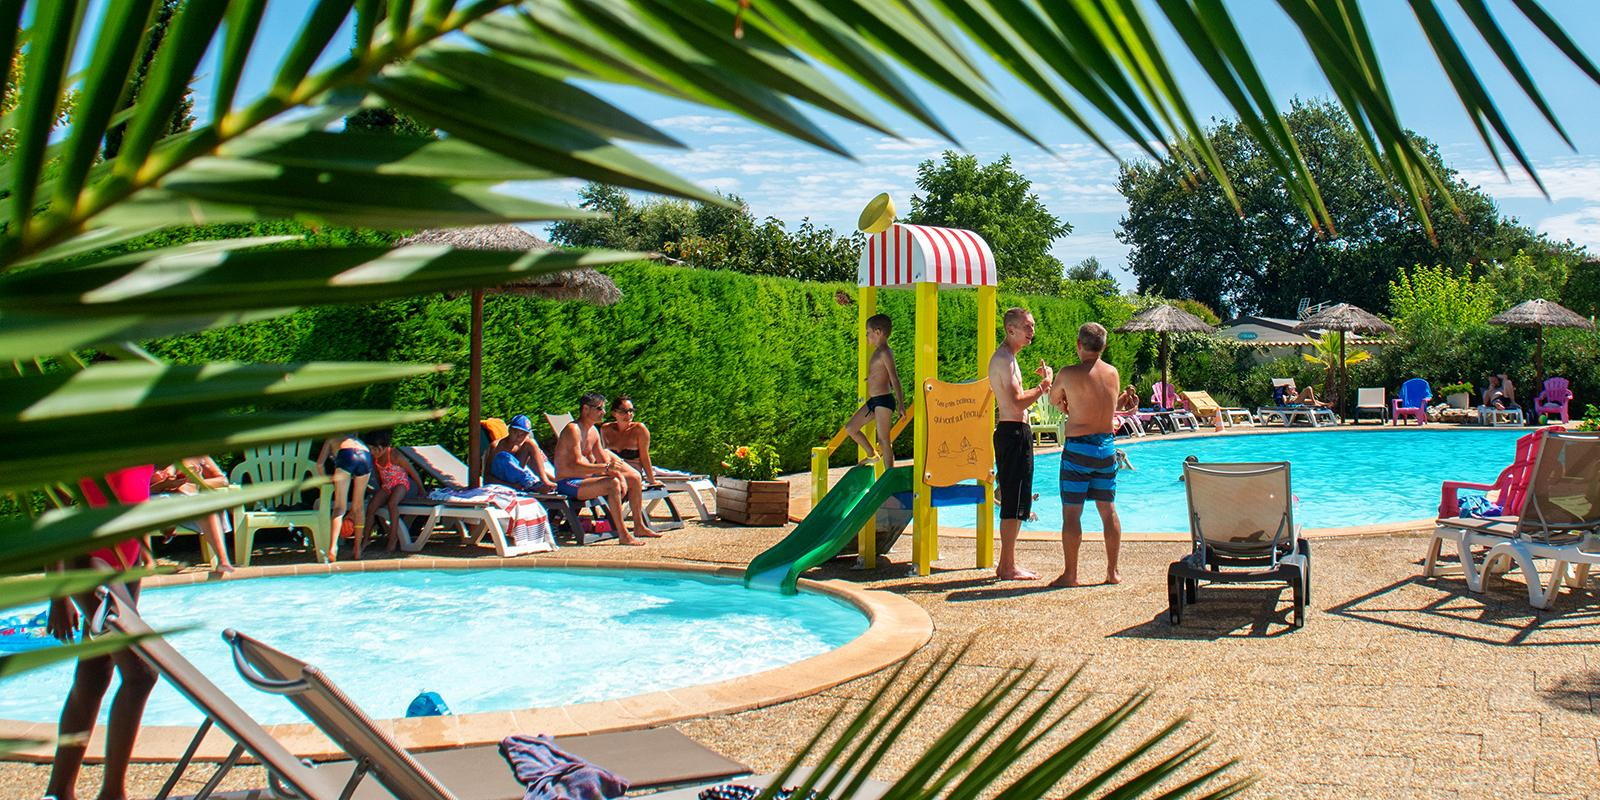 Camping 3 Étoiles À Six Fours Dans Le Var - Camping Orly D' Azur concernant Piscine D Orly